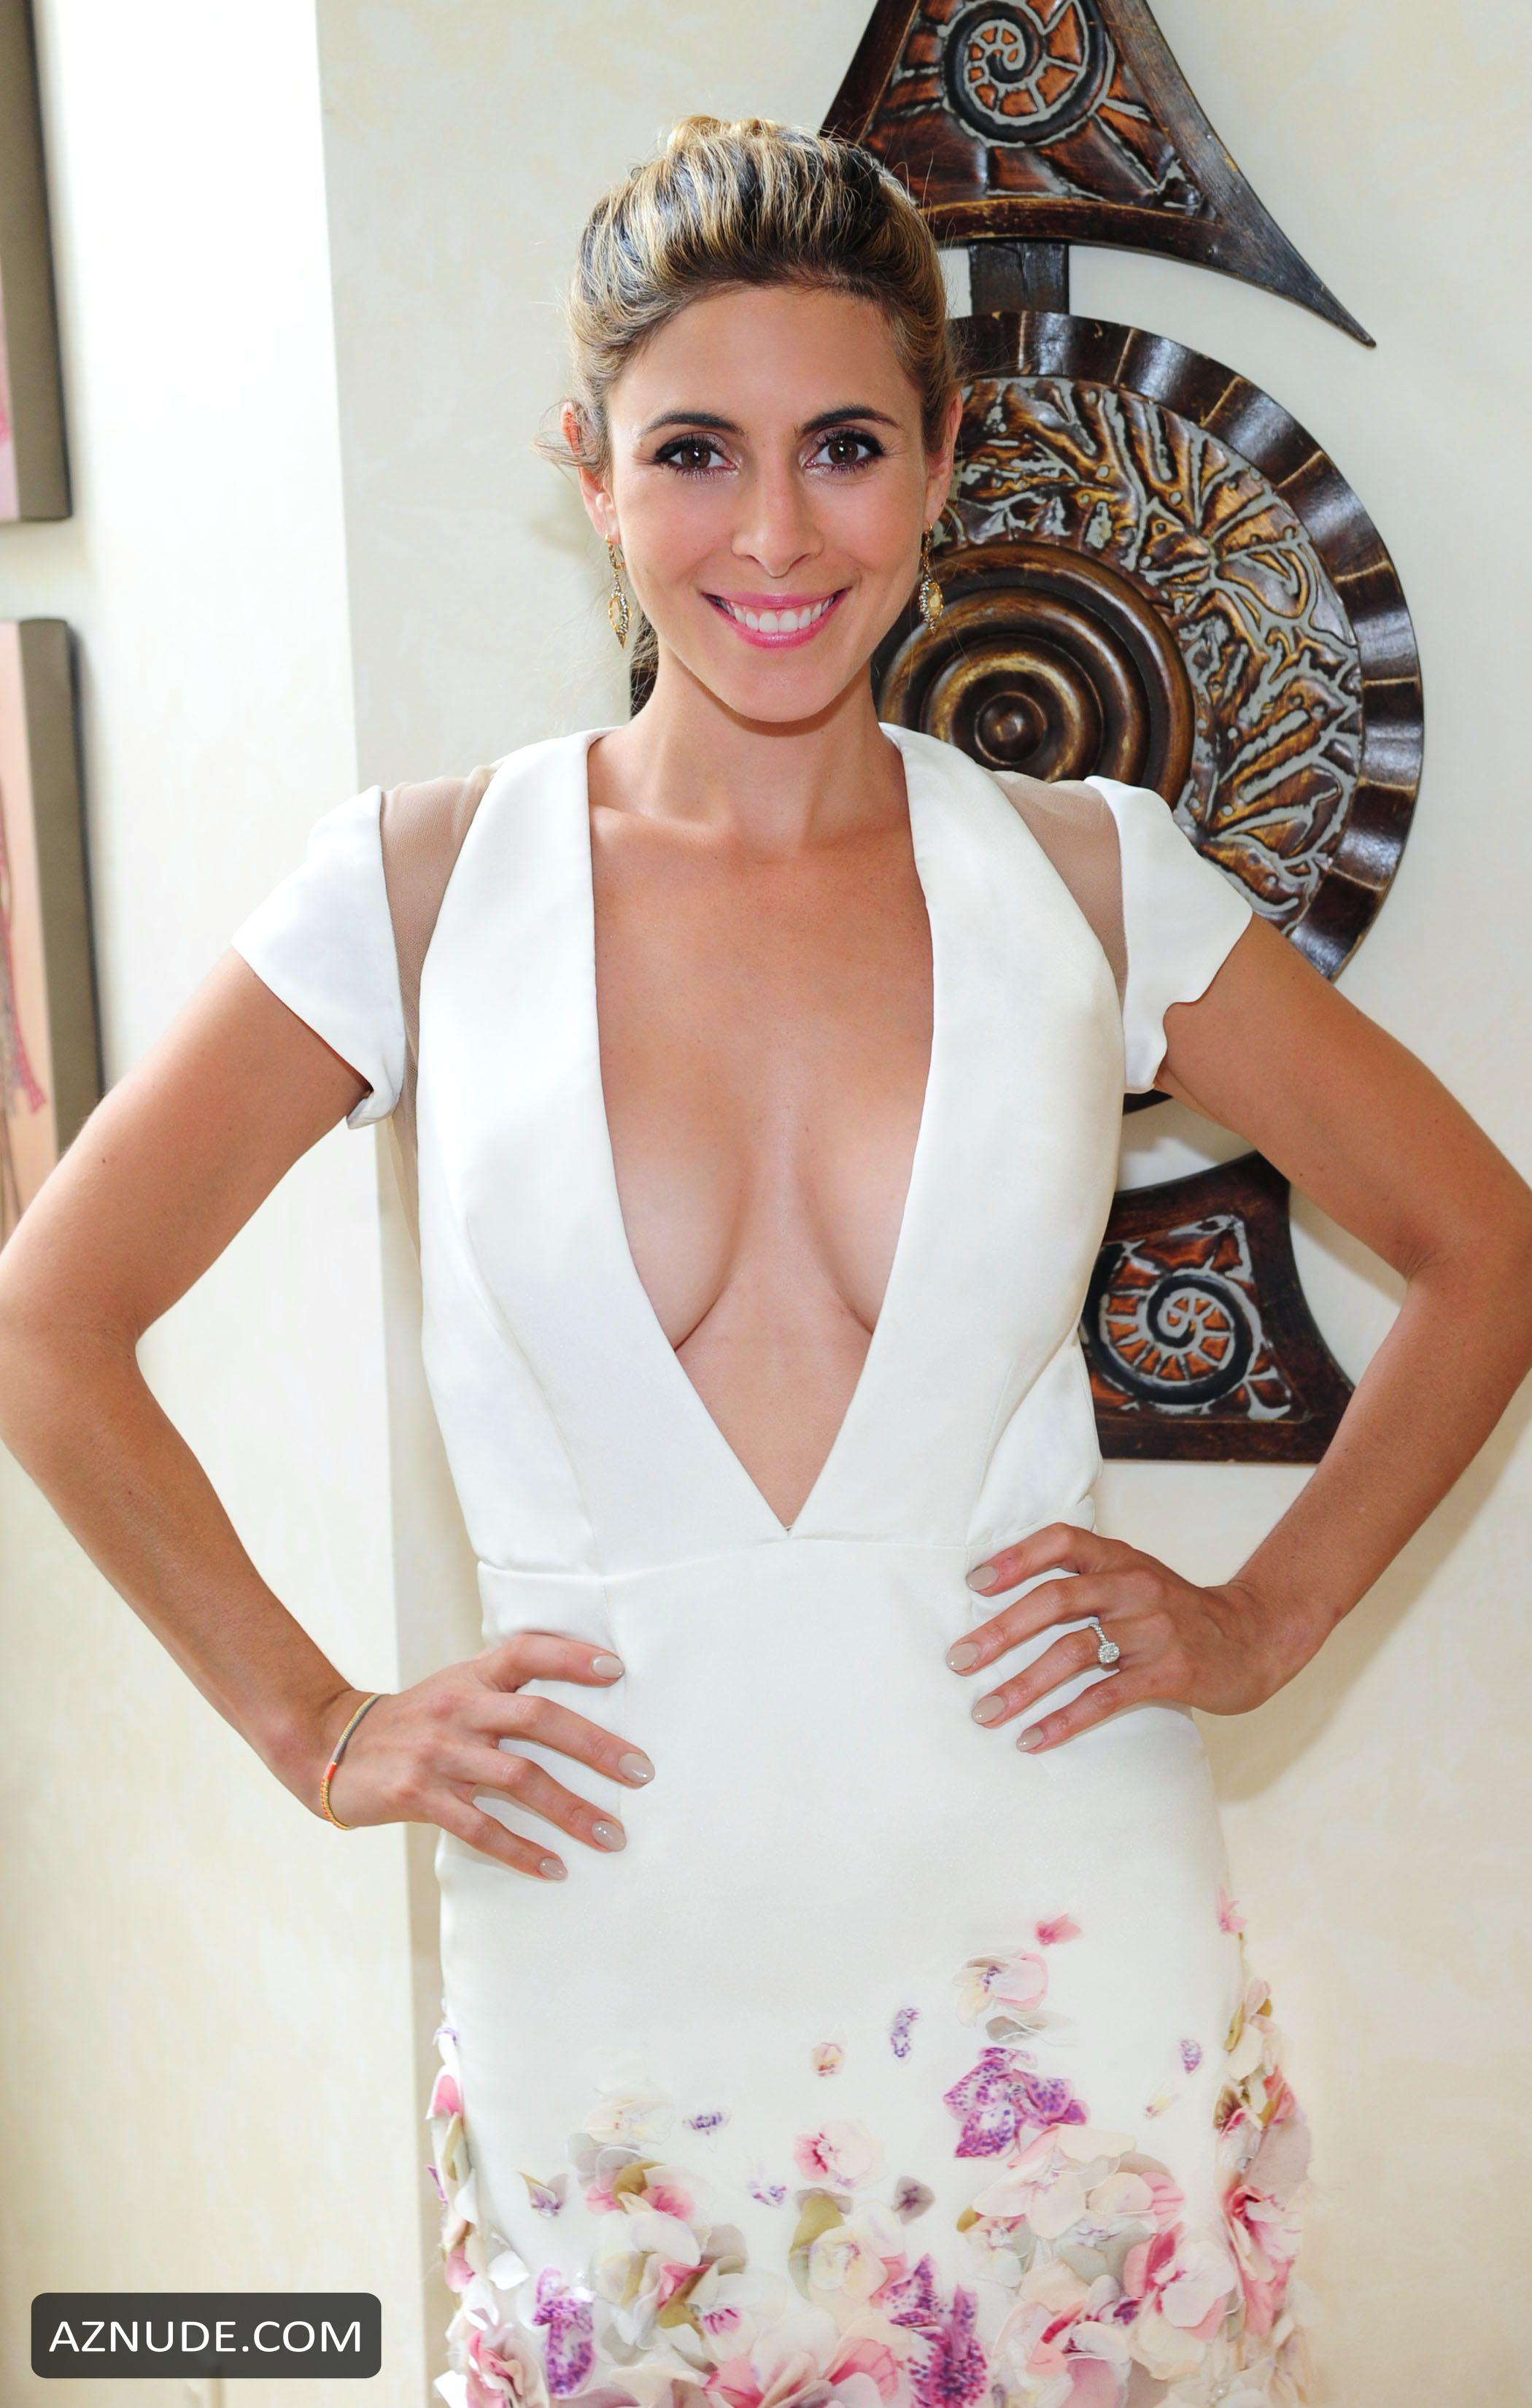 Bianca gascoigne sexy 5 naked (73 photos), Sexy Celebrites photo